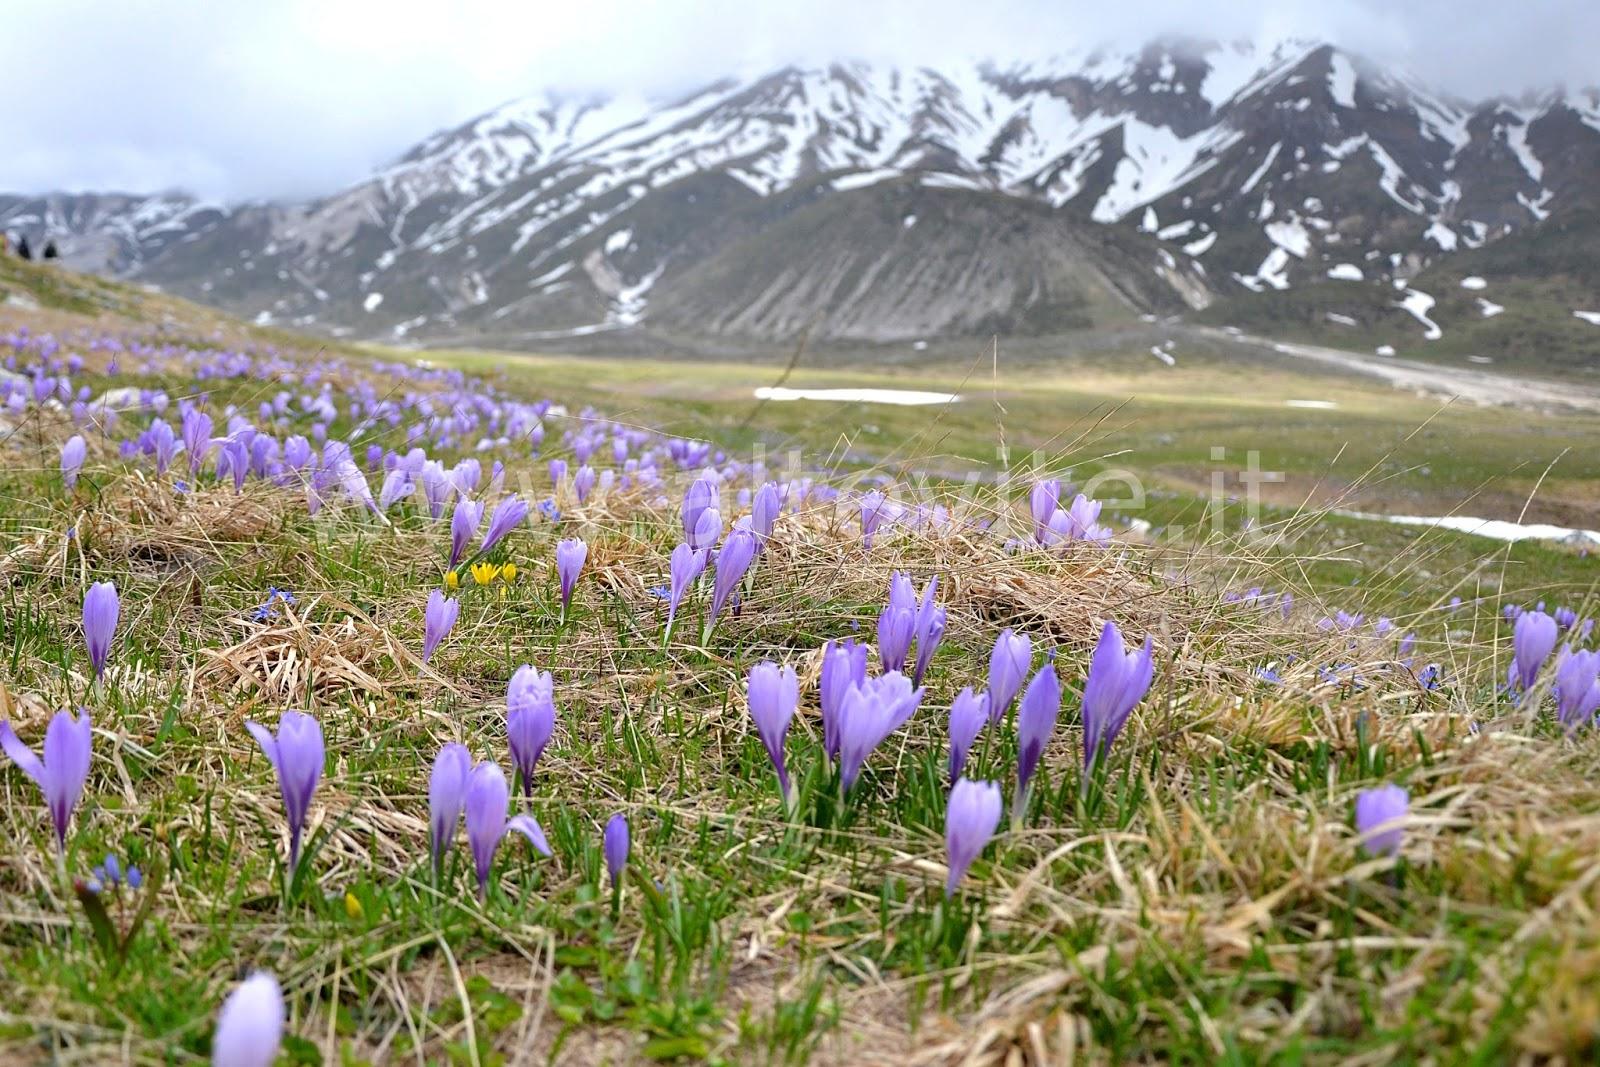 Fiori Da Giardino In Montagna giardino di montagna /2 | altevite